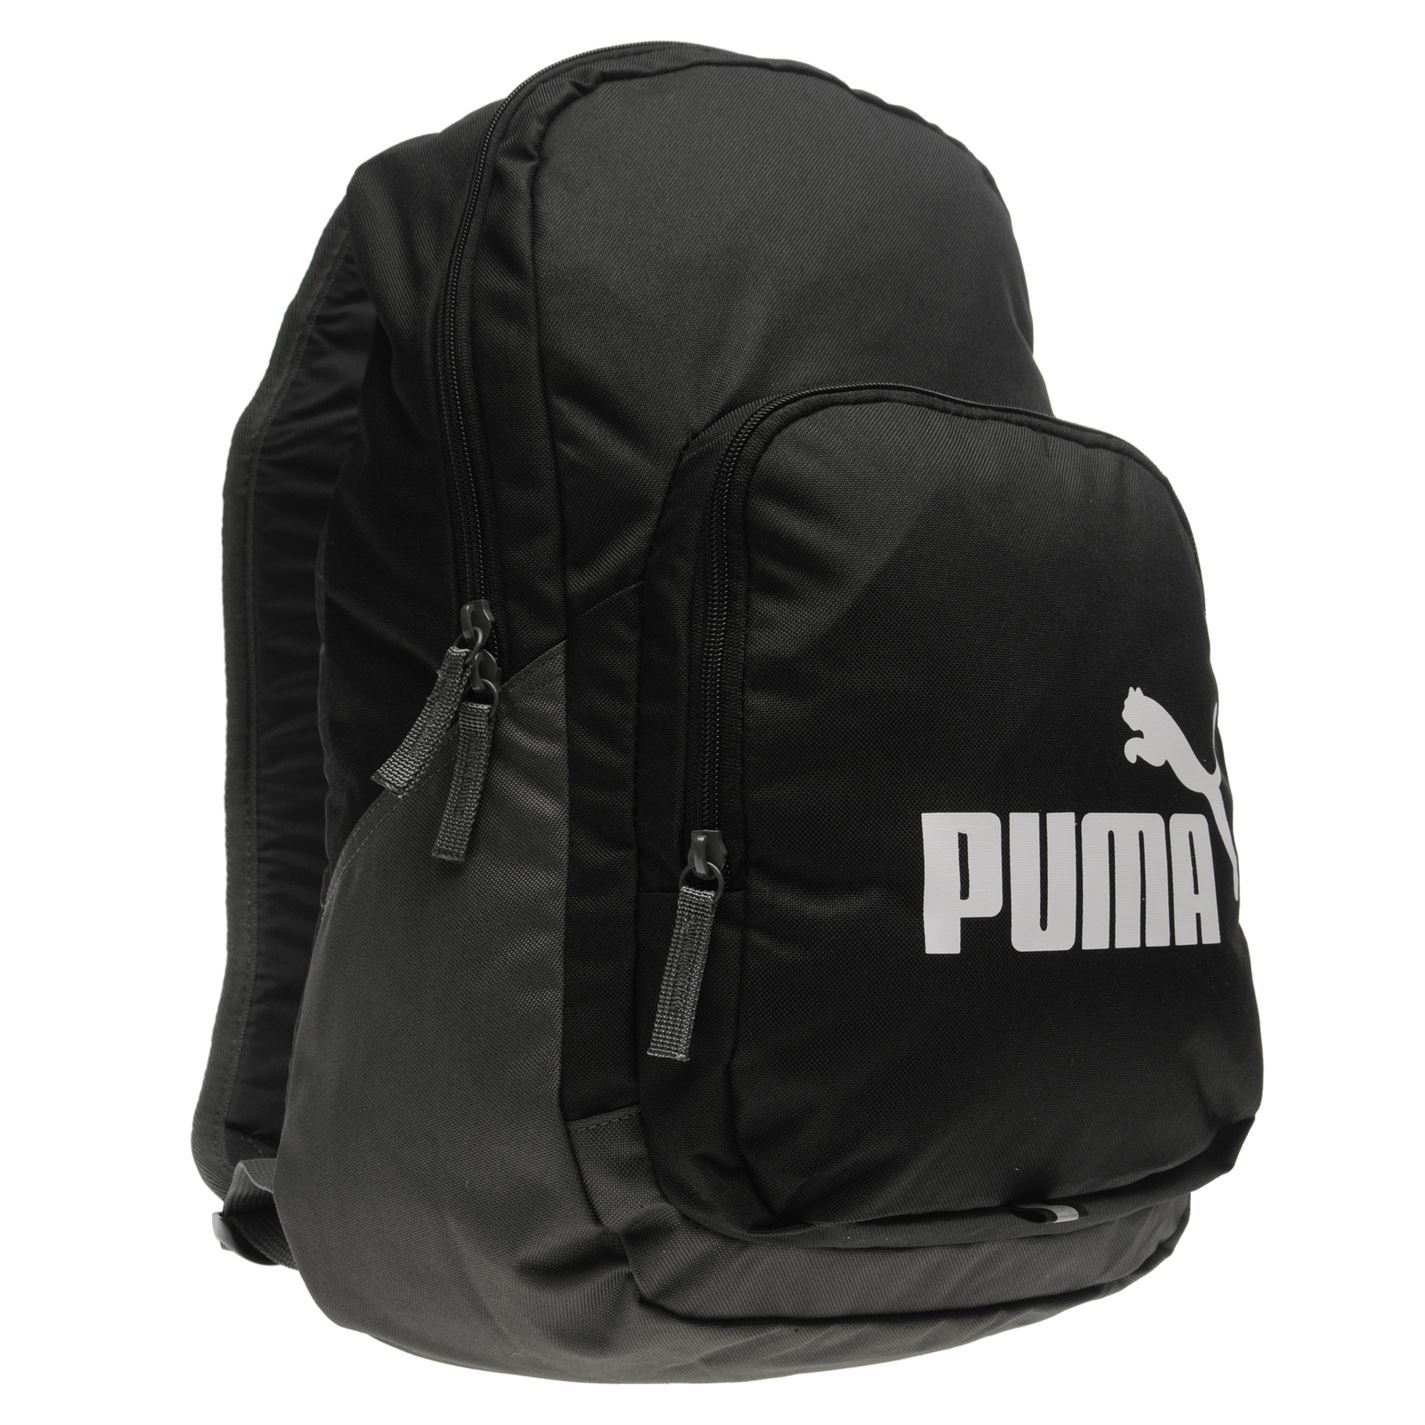 Puma Gym Sack Phase puma black Sporttaschen & Rucksäcke